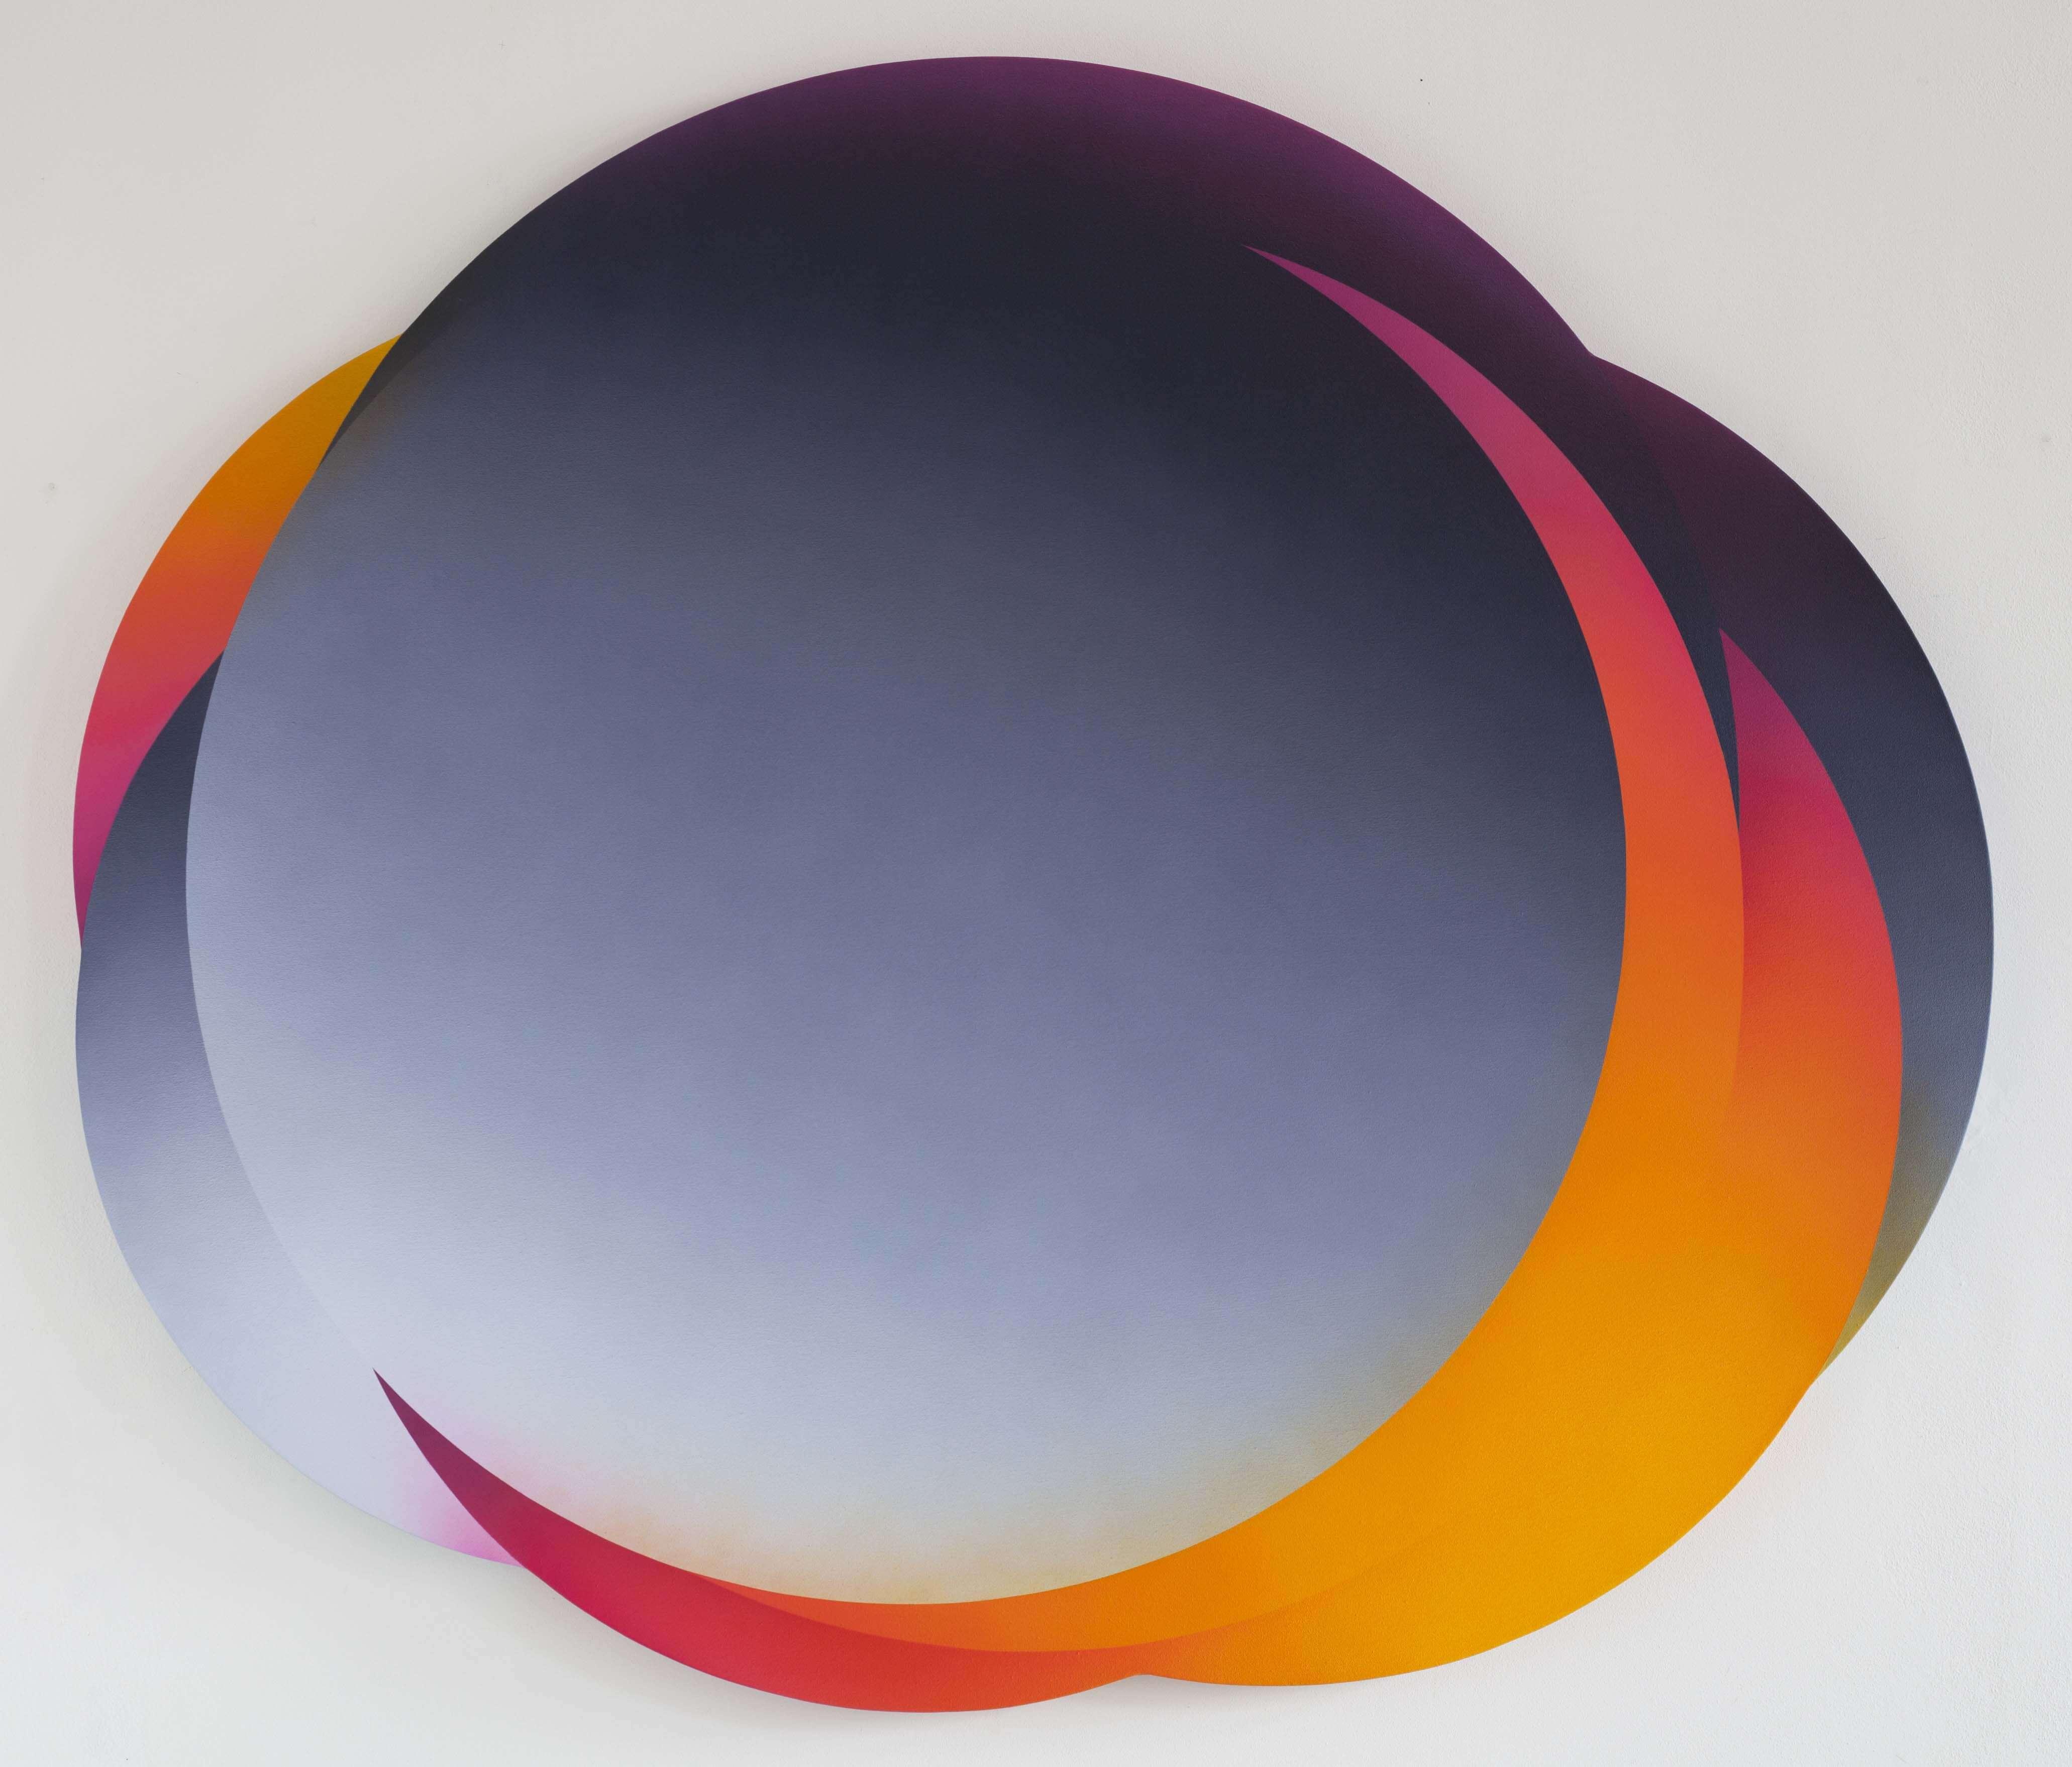 Jan Kaláb chystá na listopad velkou výstavu - Proti šedi 9157c57259